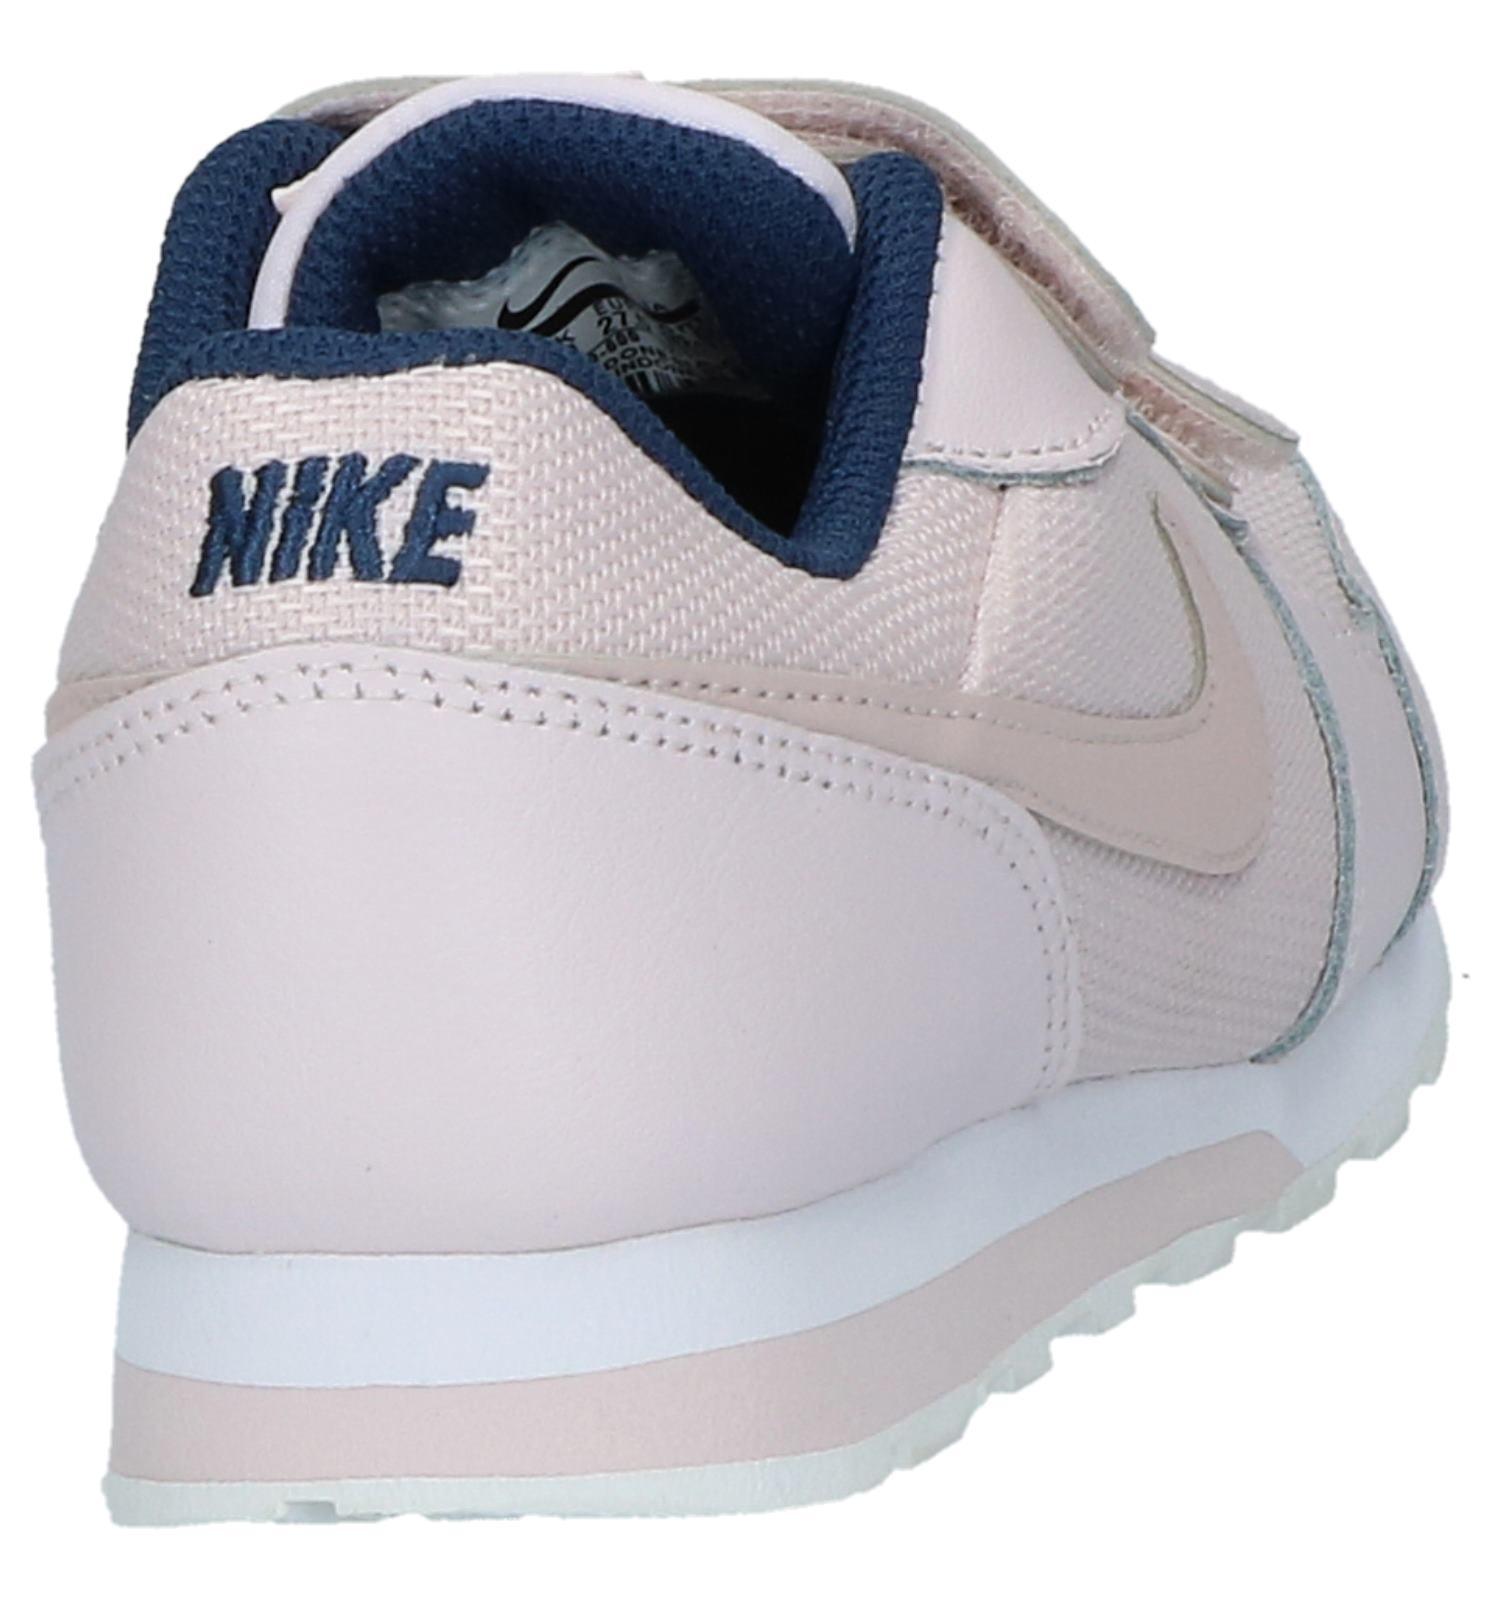 0ac1b63646e Nike MD Runner Sneakers Licht Roze | TORFS.BE | Gratis verzend en retour